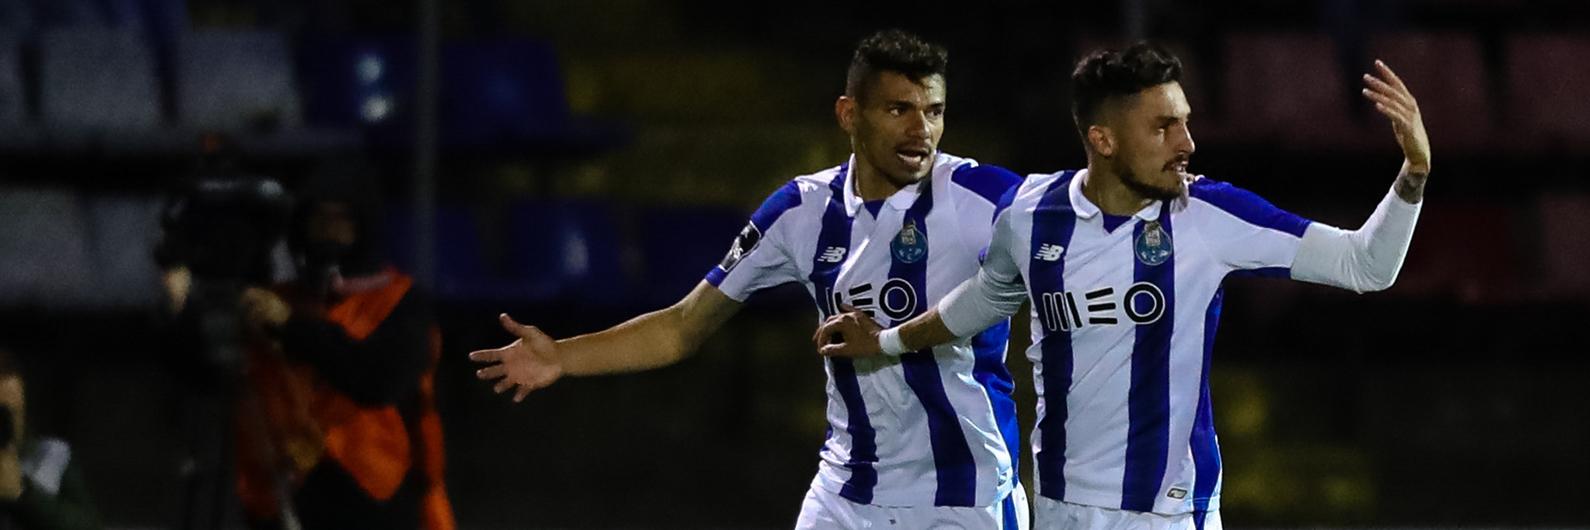 Chaves 0-2 FC Porto: André André faz o segundo do FC Porto